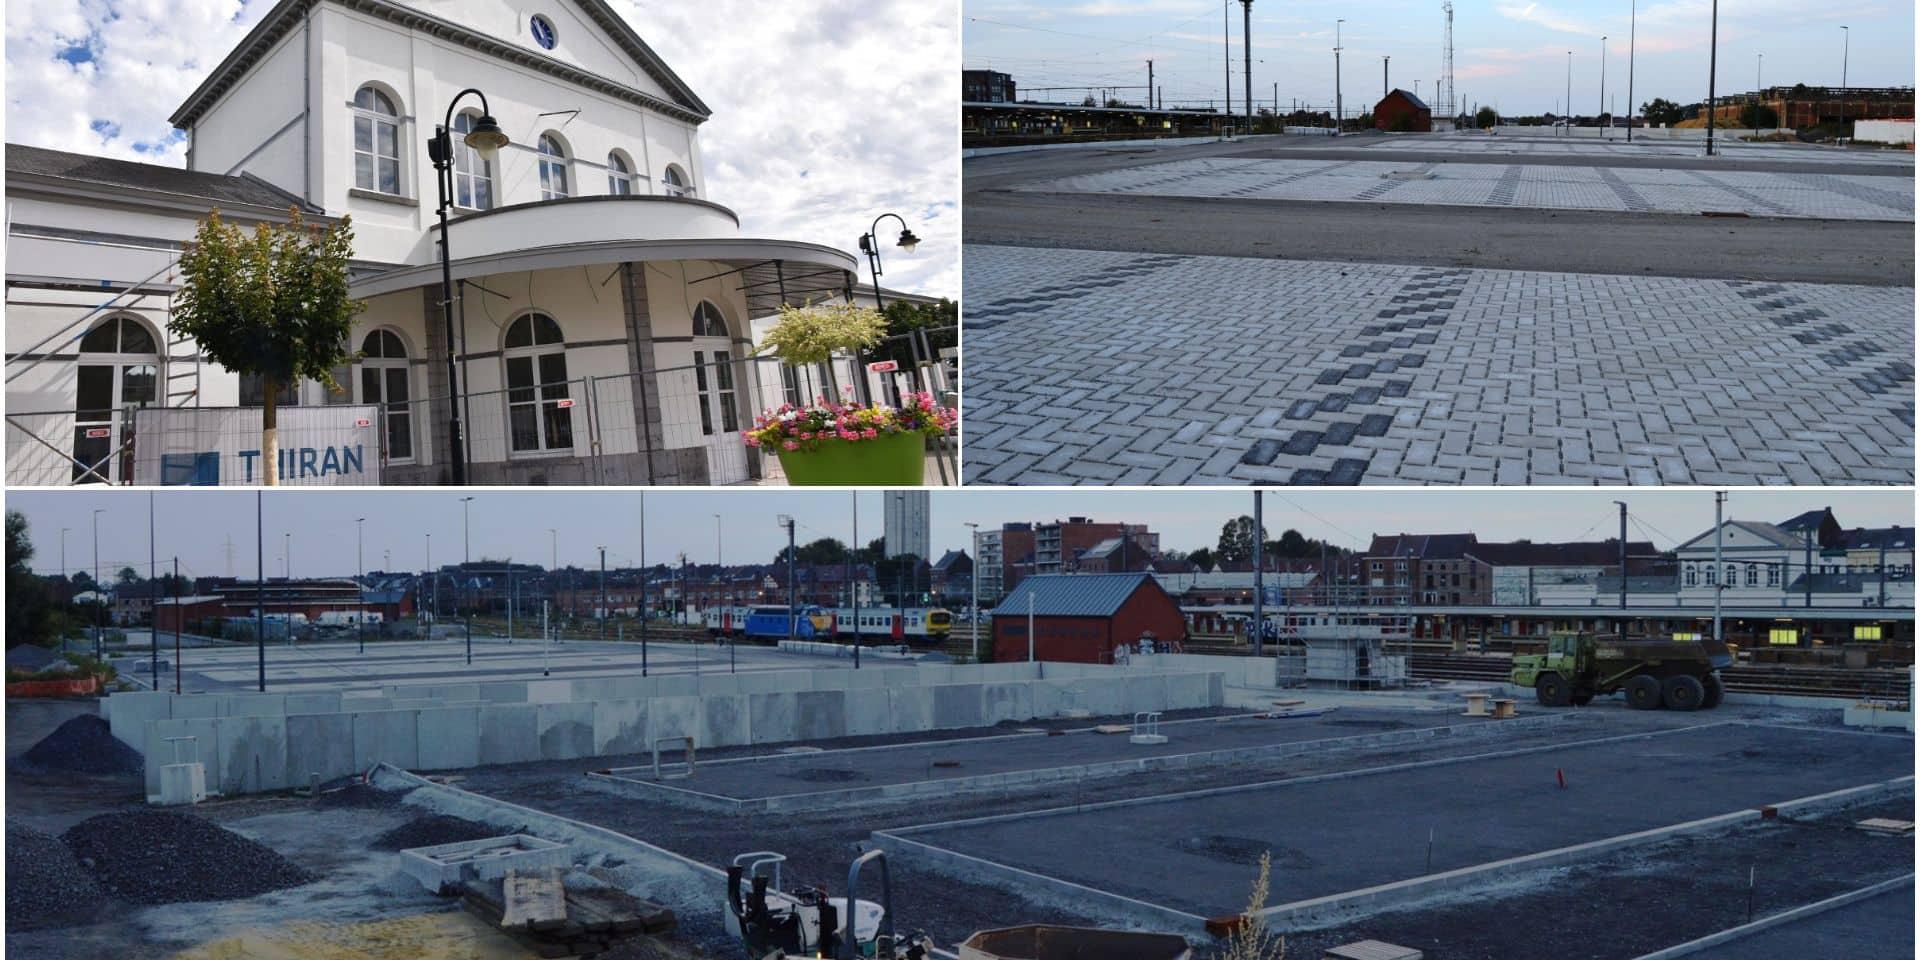 Gare de Braine-le-Comte: les escalators seront rénovés, le vaste chantier bientôt terminé